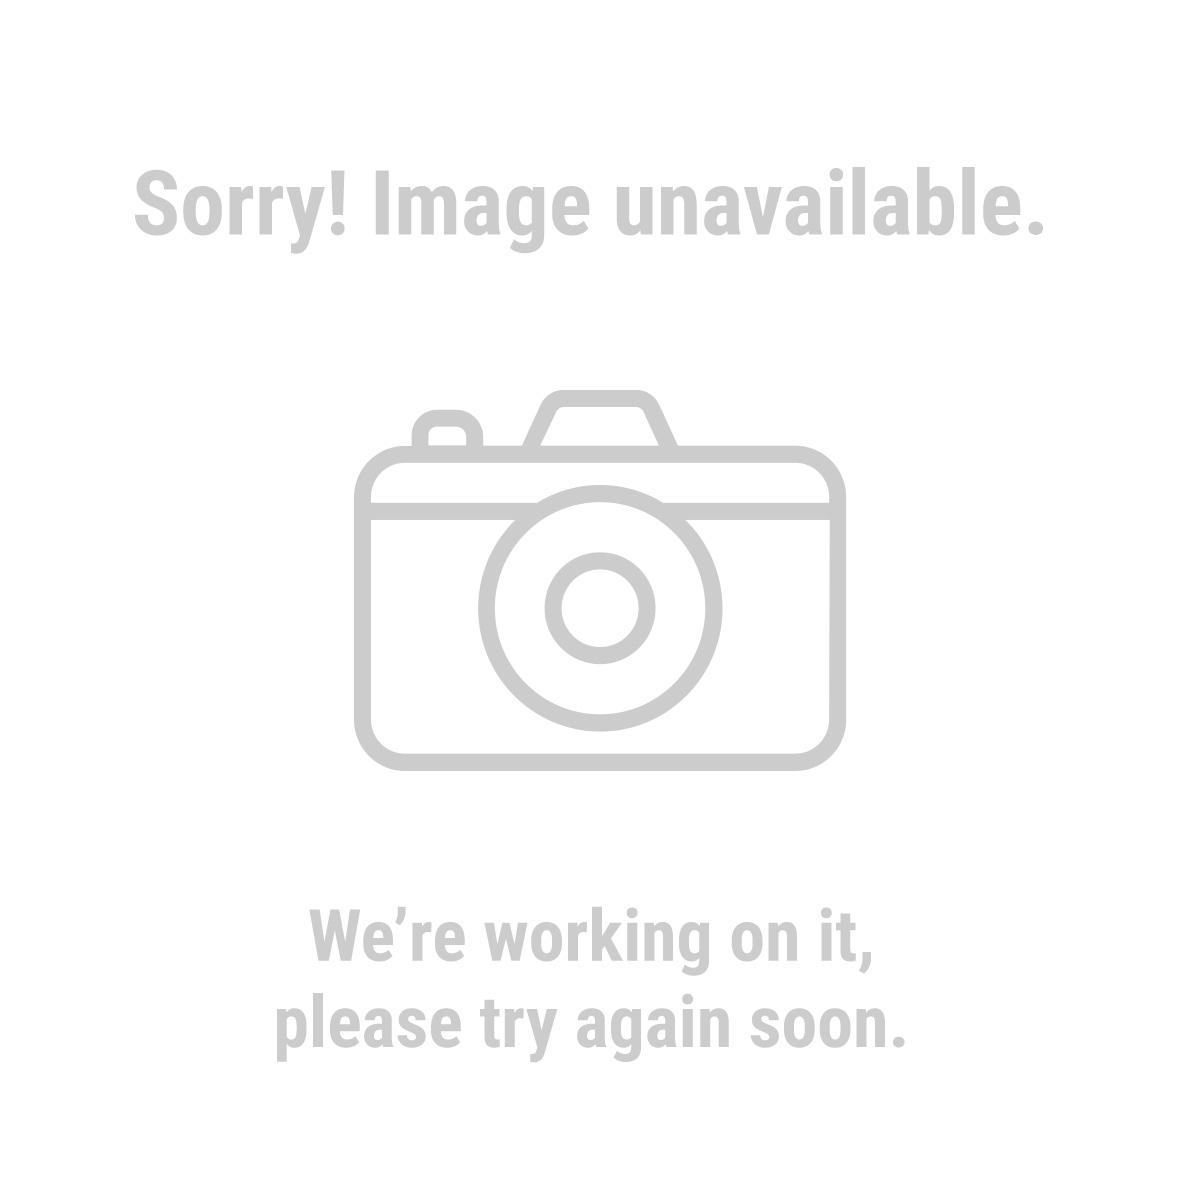 fortress compressor 2 gal manual